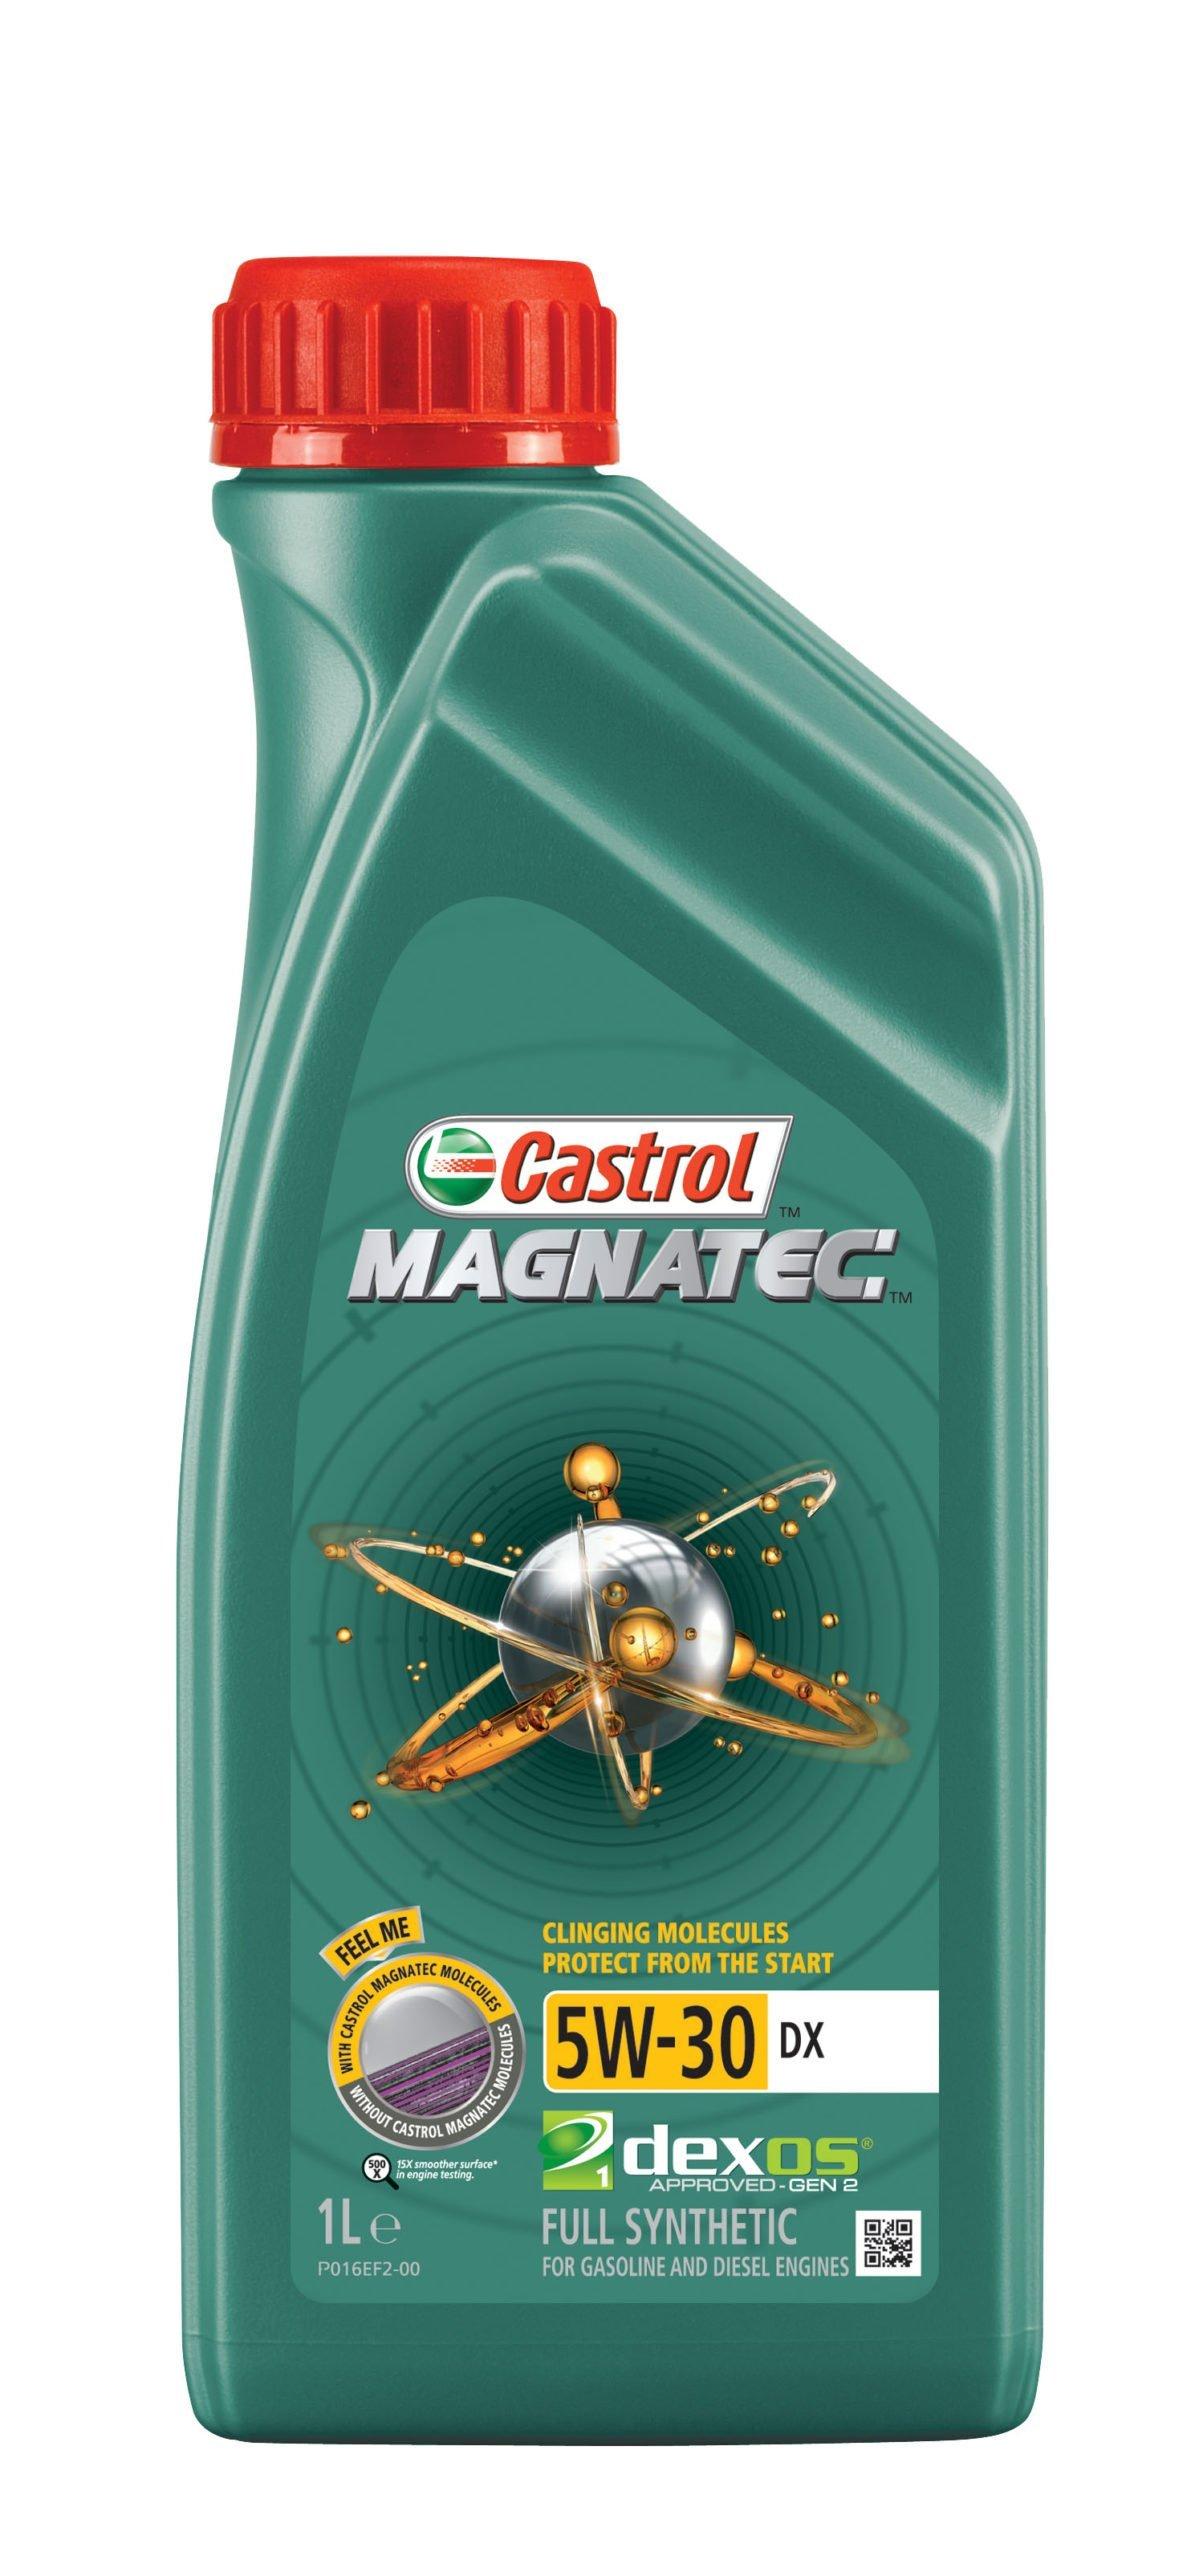 Новый стандарт моторных масел: разбираемся, что в нем особенного, на примере масла Castrol Magnatec 5W-30 DX